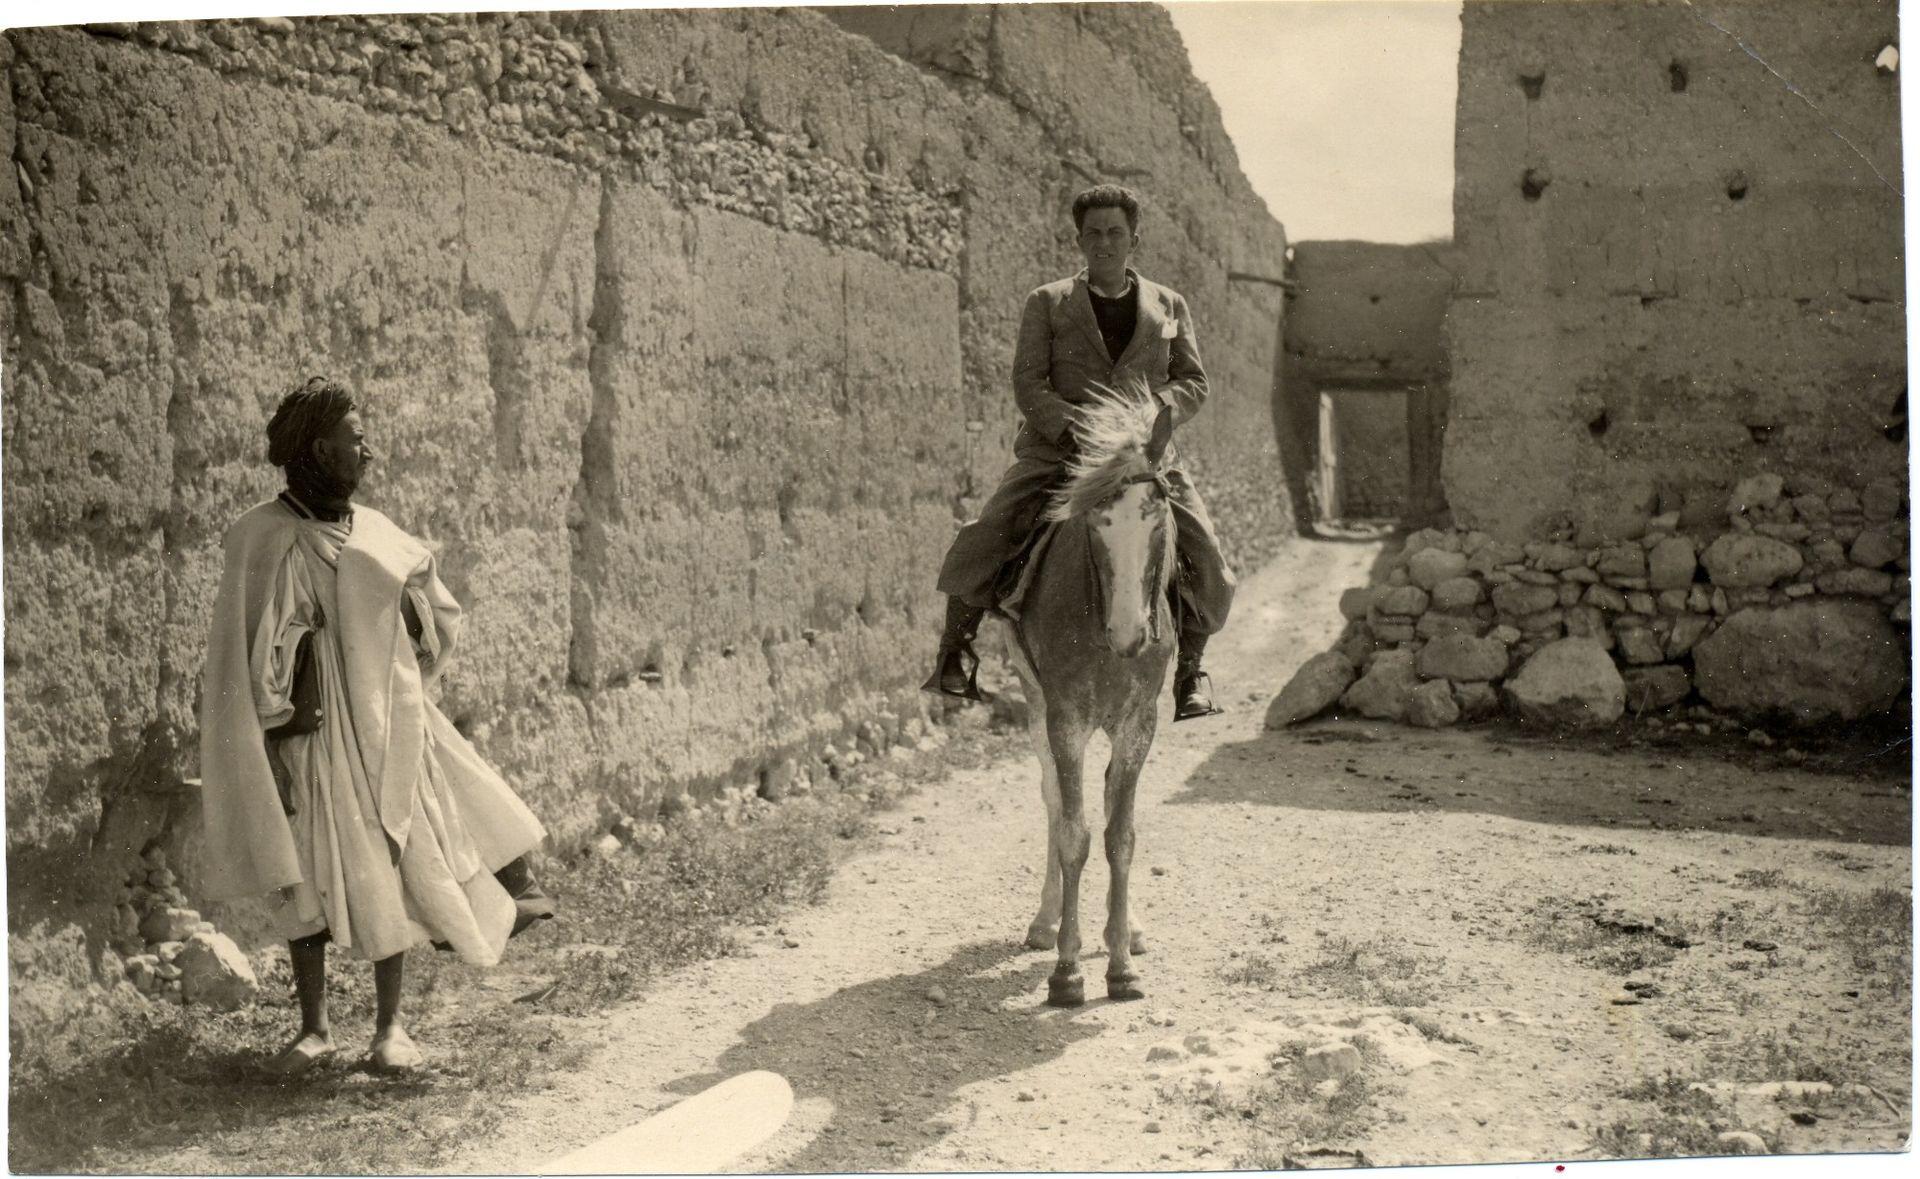 Chaves Nogales, fotografiado por Contreras durante su viaje a Sidi Ifni para 'Ahora', 1934. | Cortesía de Libros del Asteroide